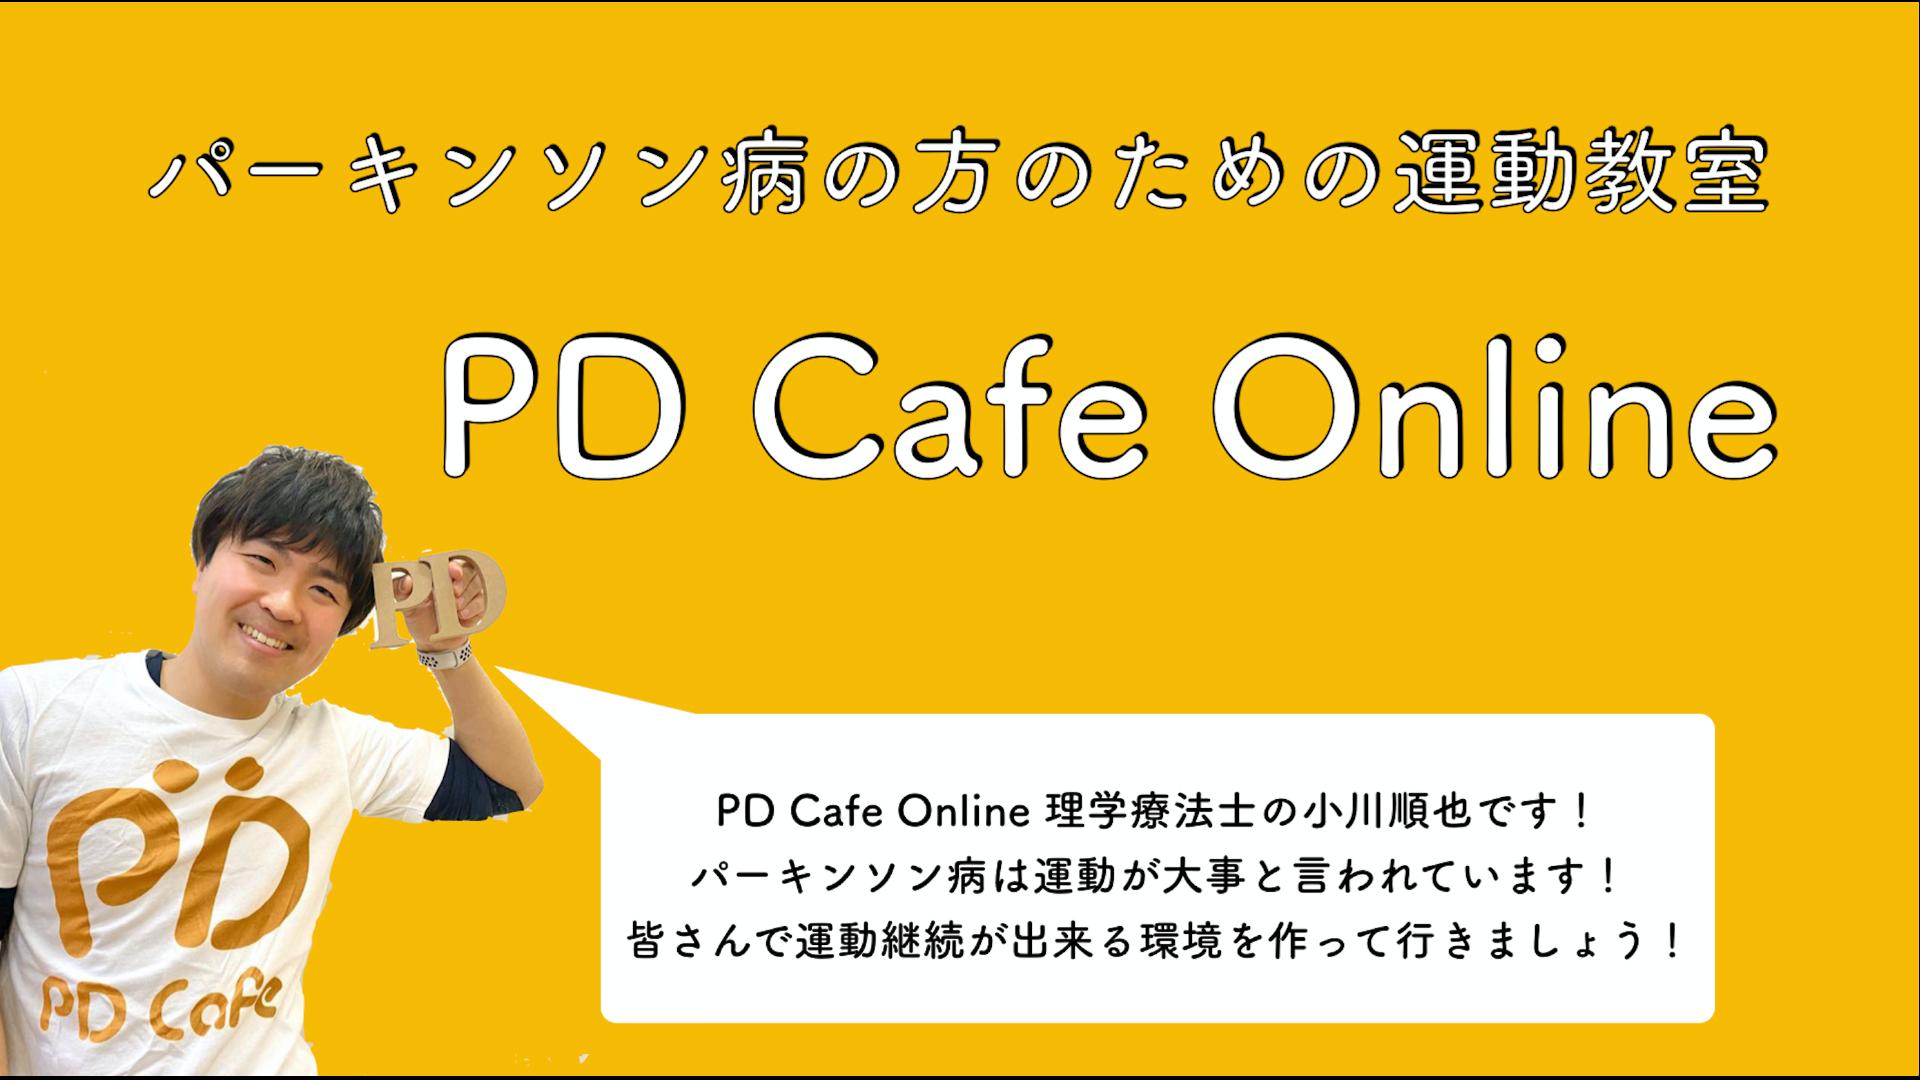 PD Cafe Online